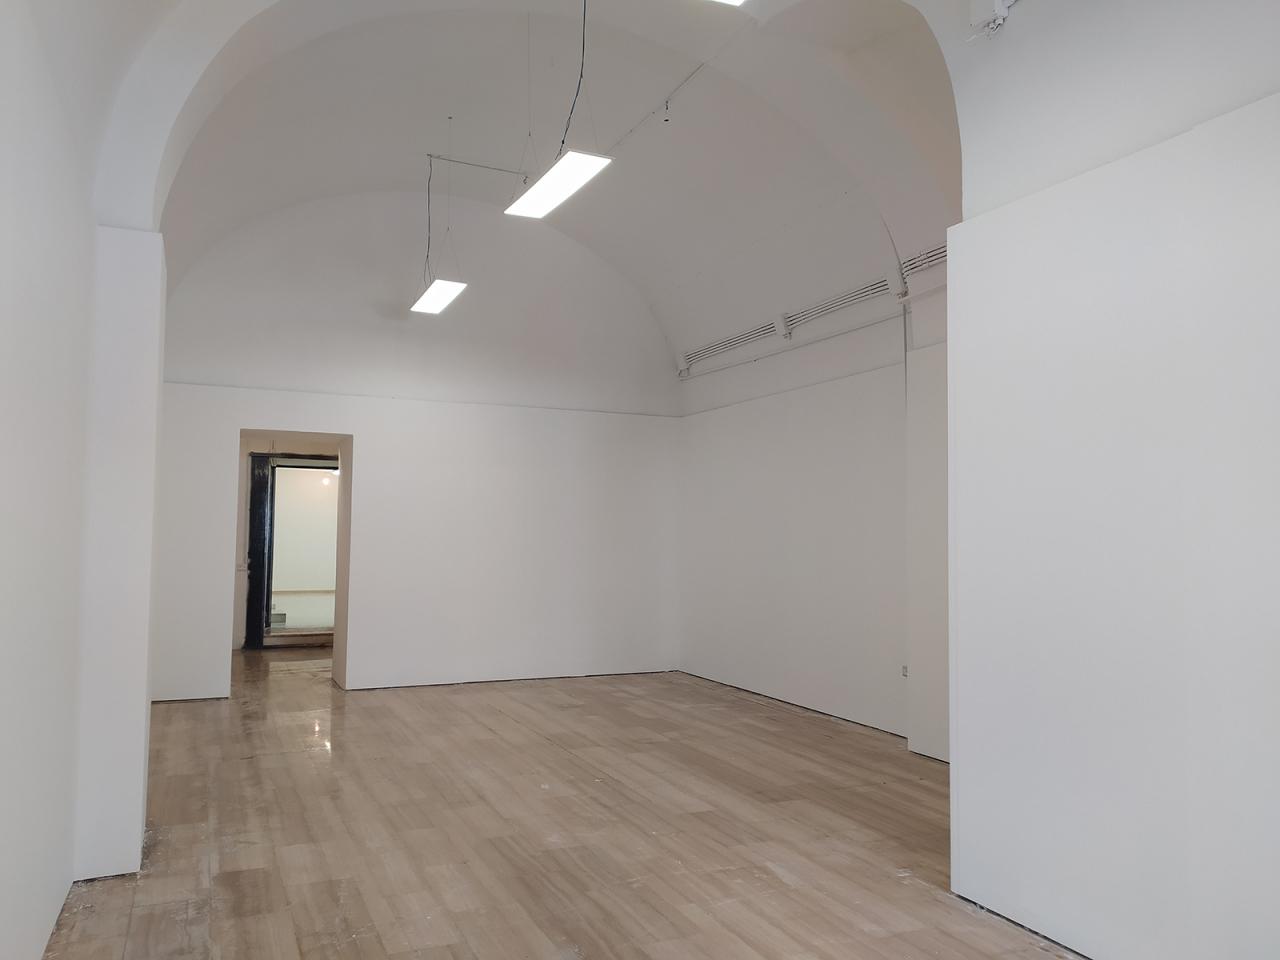 Fondo commerciale in affitto a Bari (BA)